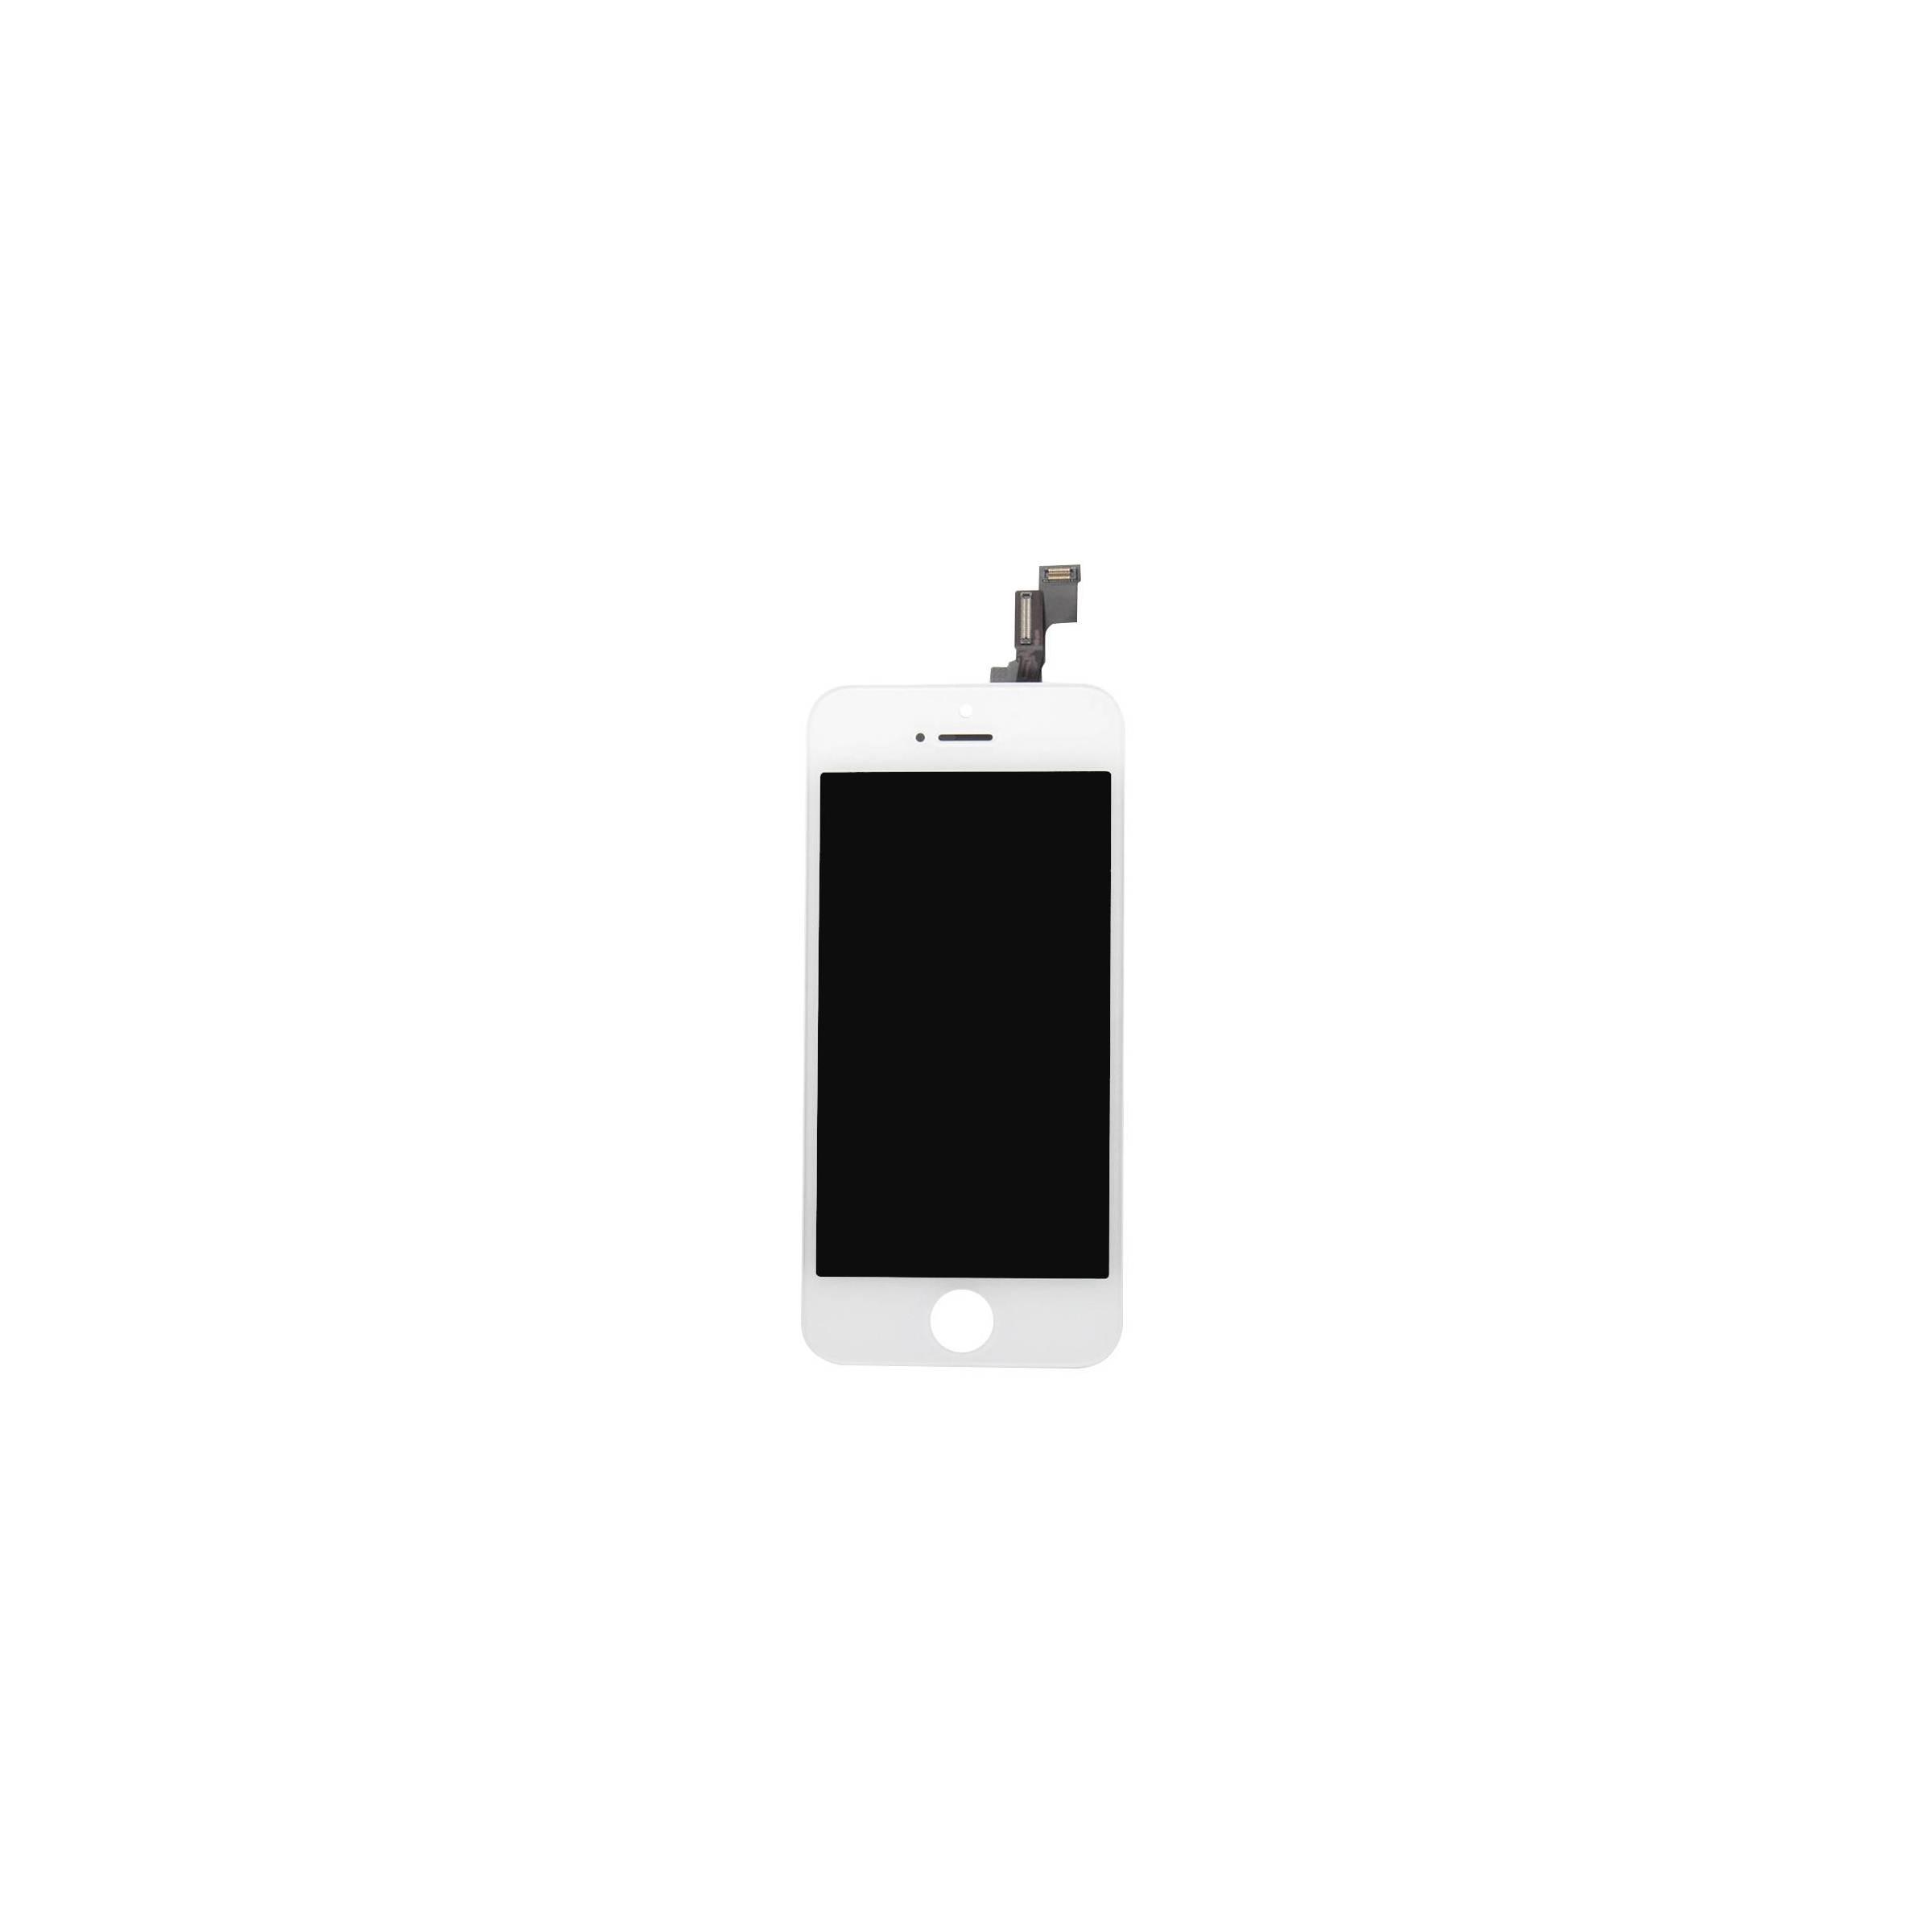 kina oem Iphone 5s skærm i høj kvalitet farve hvid fra mackabler.dk